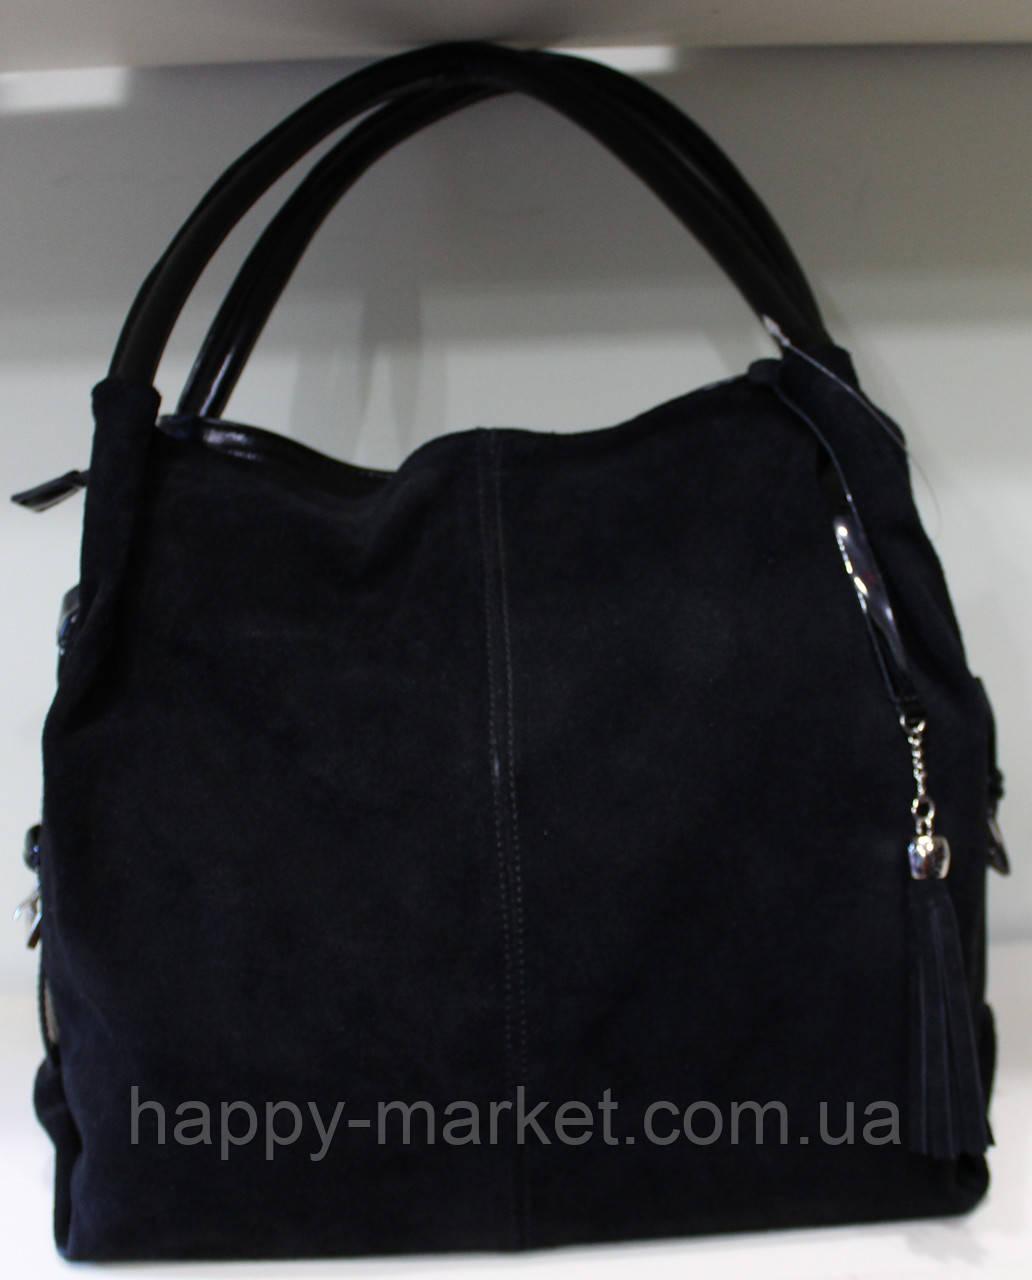 Сумка торба женская стильная Производитель Украина 17-1078-3